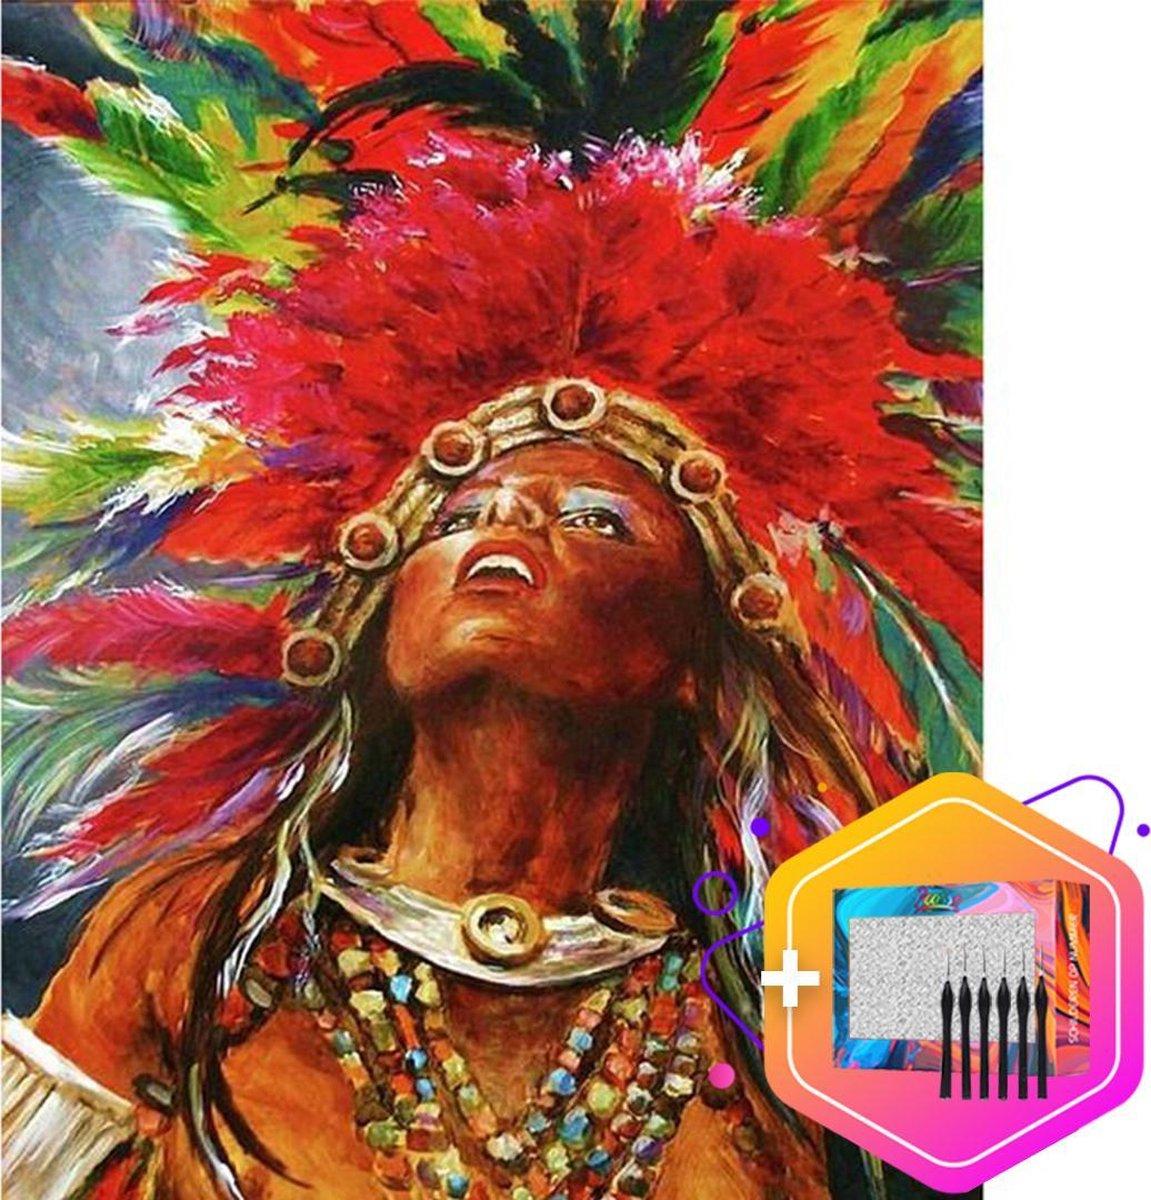 Pcasso ® Indiaan Colorful - Schilderen Op Nummer - Incl. 6 Ergonomische Penselen & Geschenkverpakking - Schilderen Op Nummer Volwassenen - Schilderen Op Nummer Dieren - Kleuren Op Nummer - 40x50 cm - Professionele 26-Delige Set